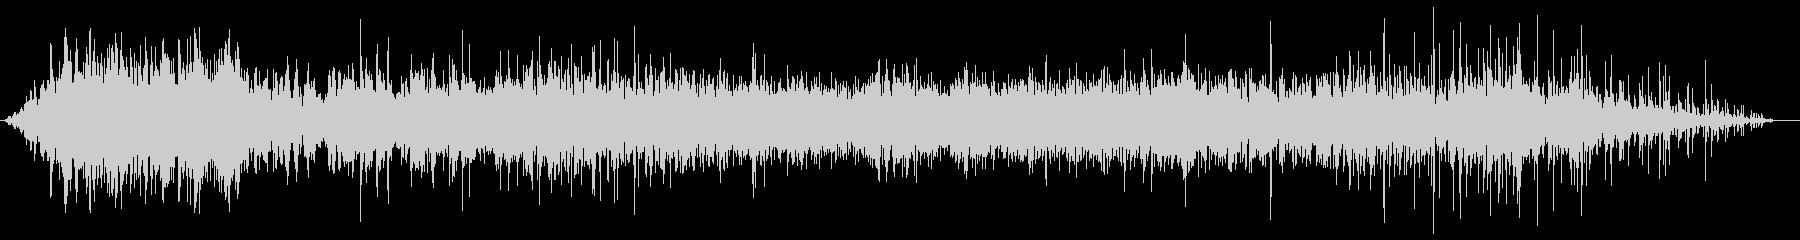 ブオ〜ン(機械音)バシャバシャ(水の音)の未再生の波形